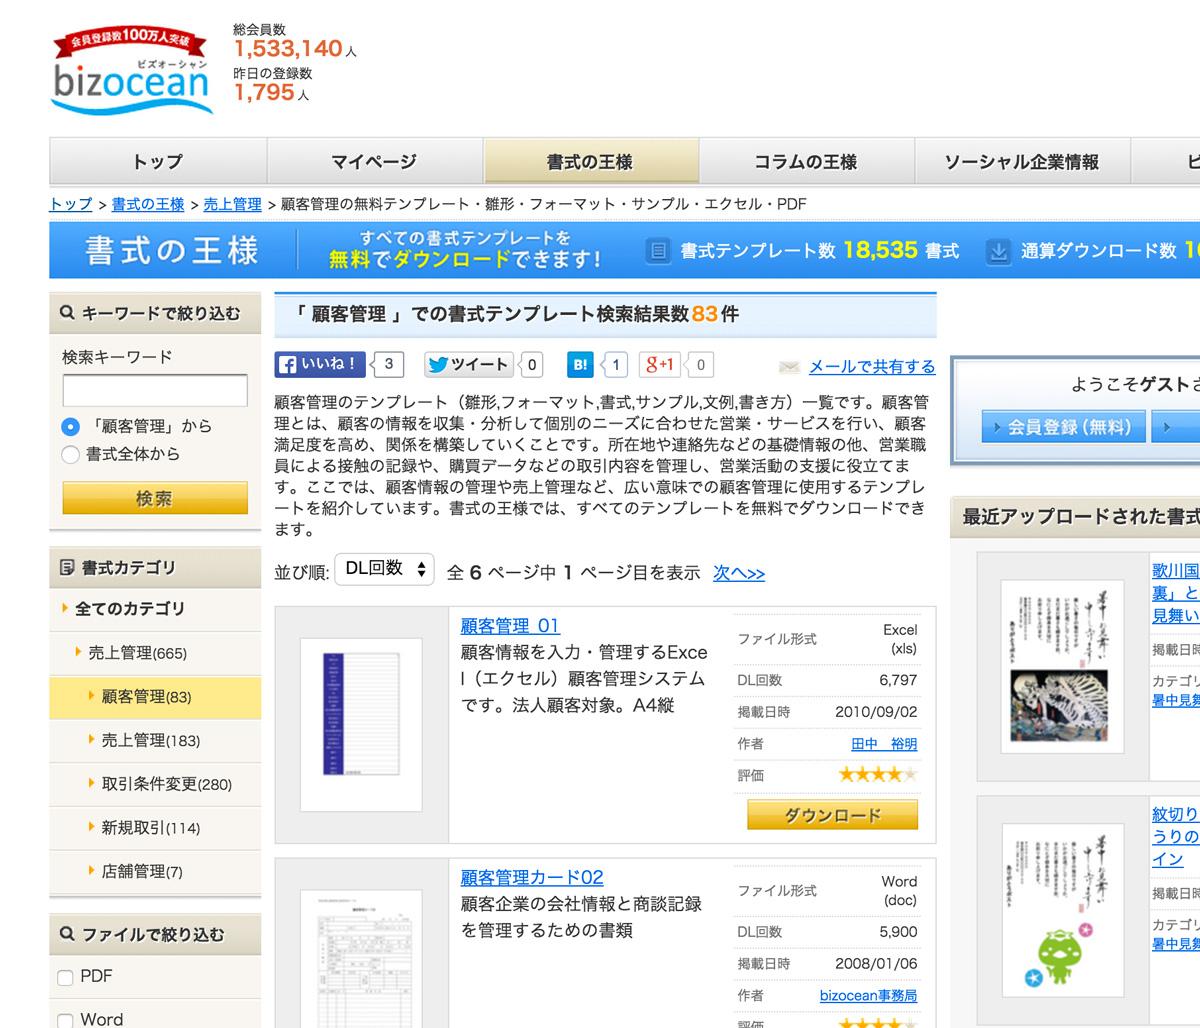 エクセル顧客管理テンプレートダウンロード